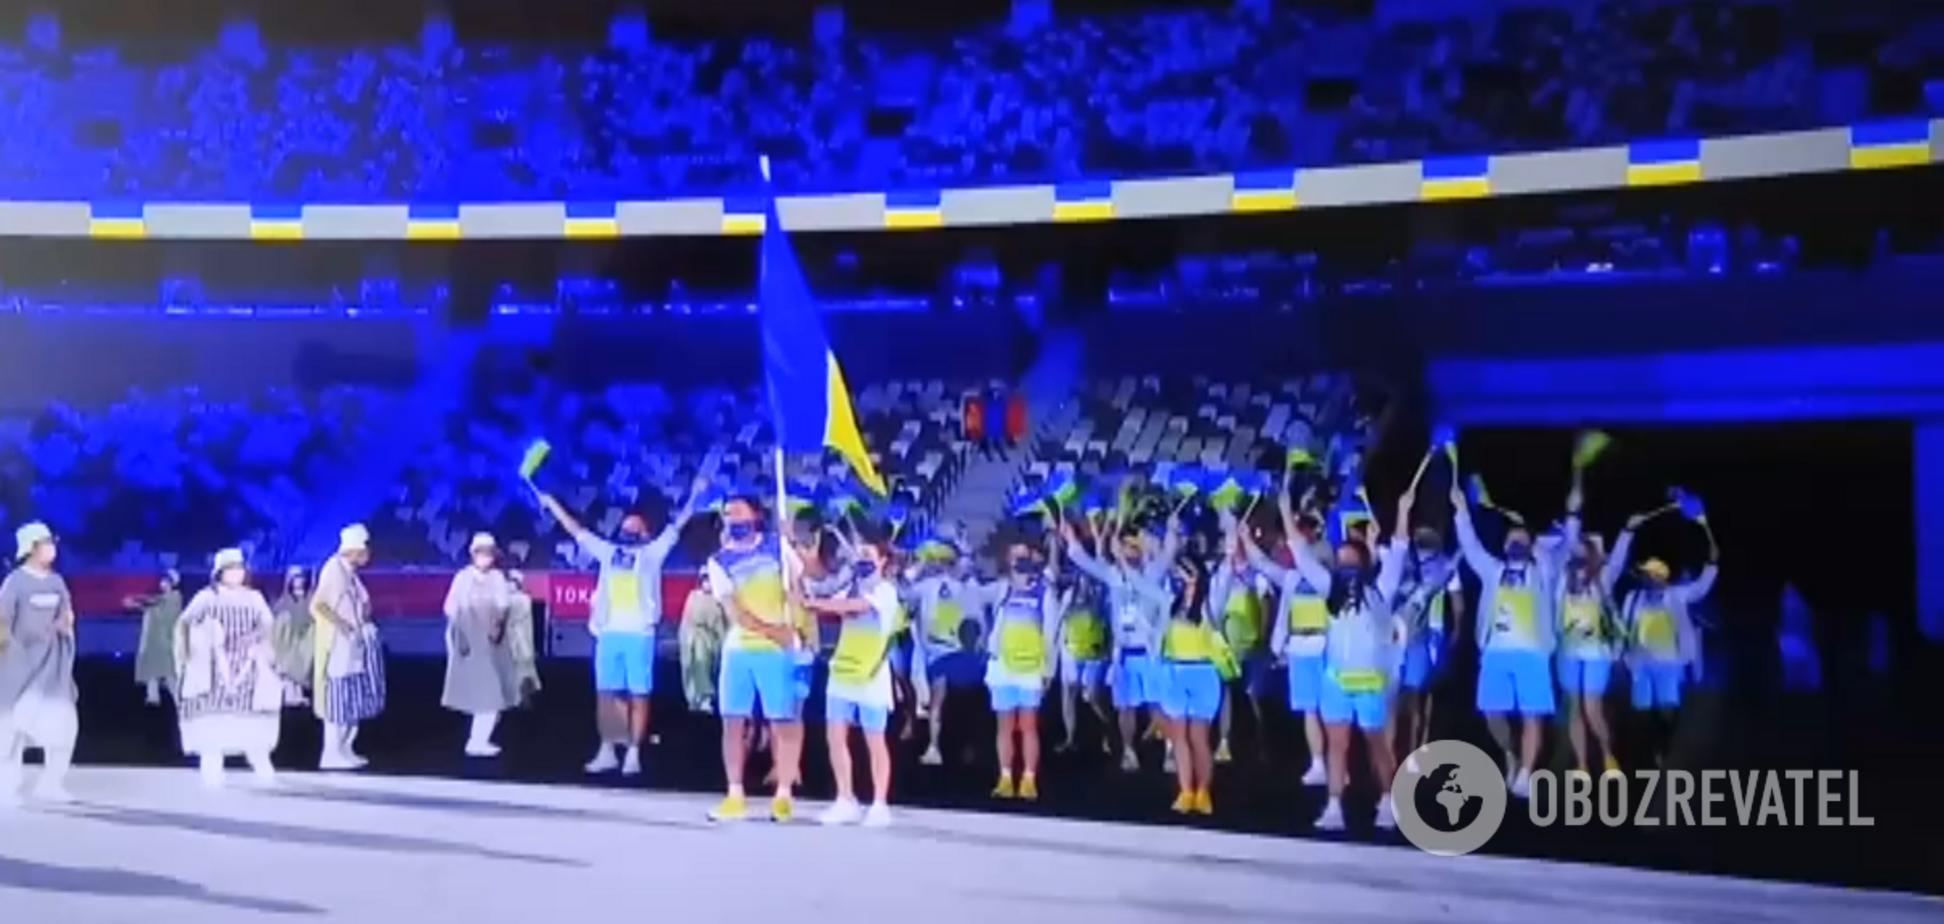 Вихід збірної України на відкритті Олімпійських ігор-2020